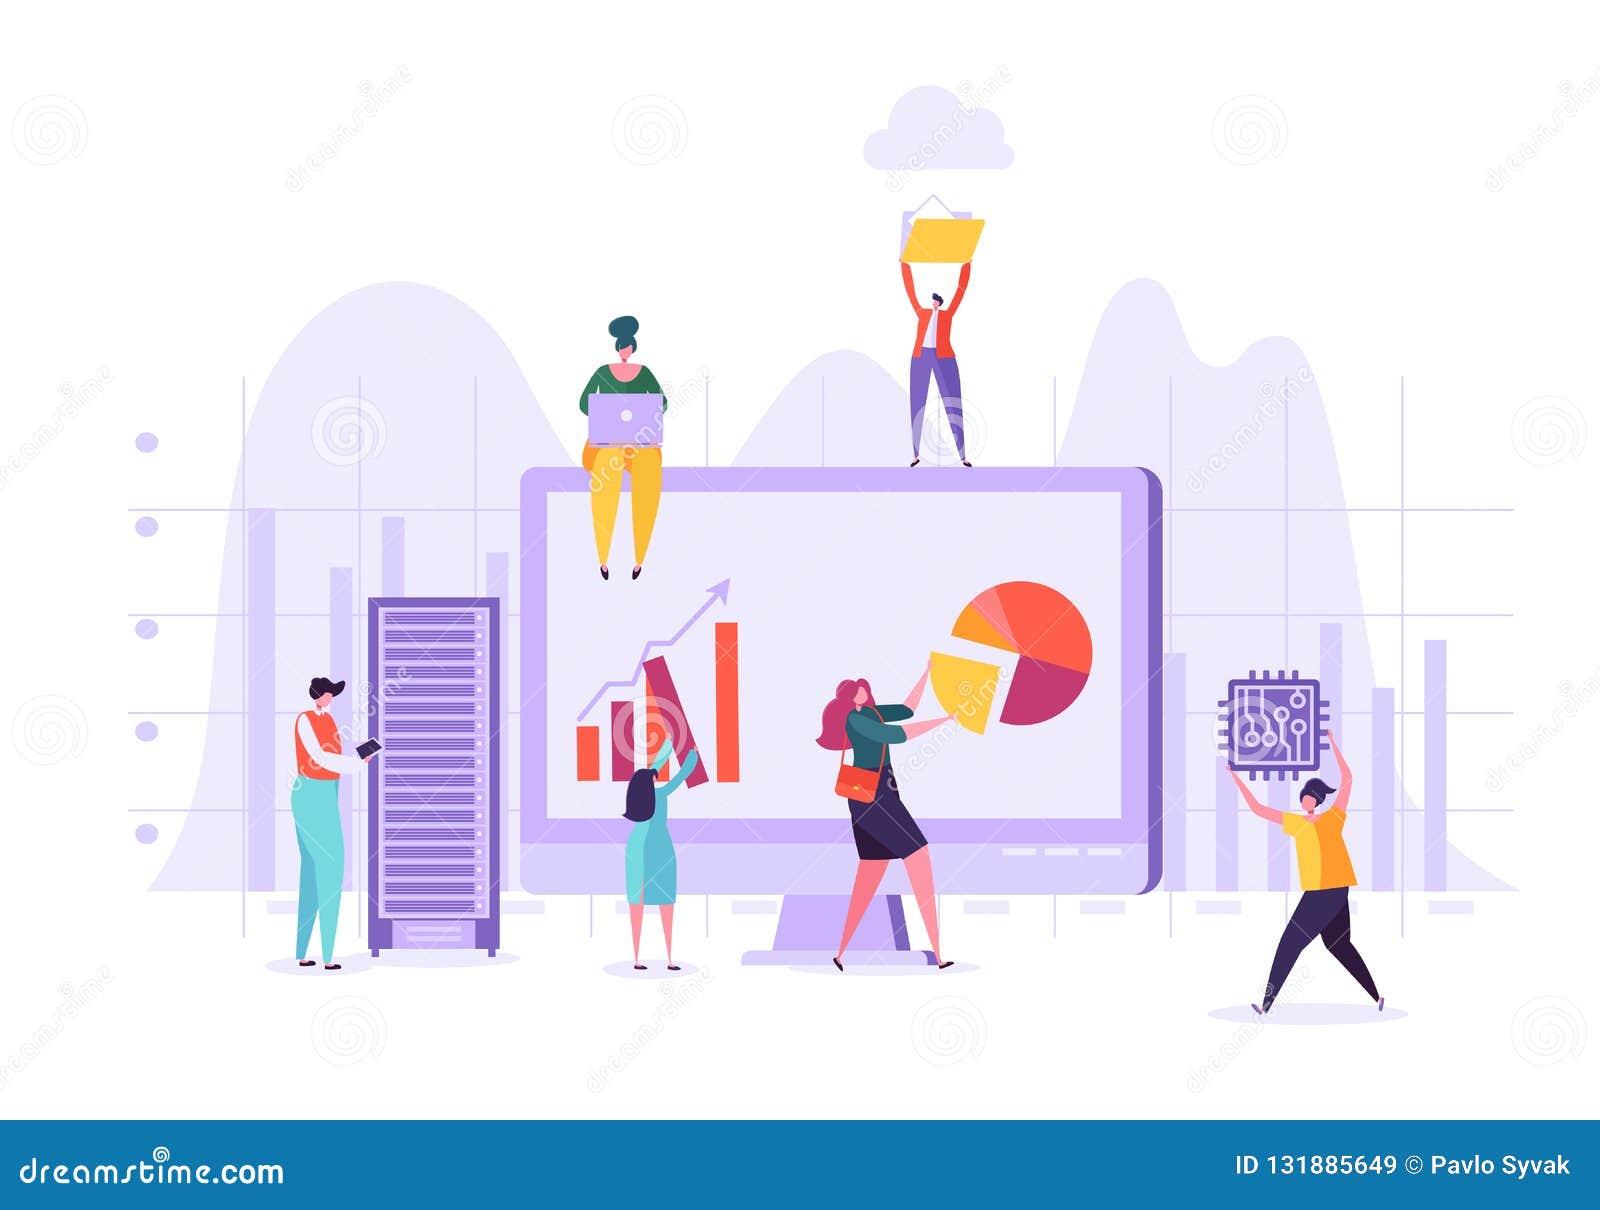 企业数据分析概念 营销策略,与分析财政统计数据的人字符的逻辑分析方法